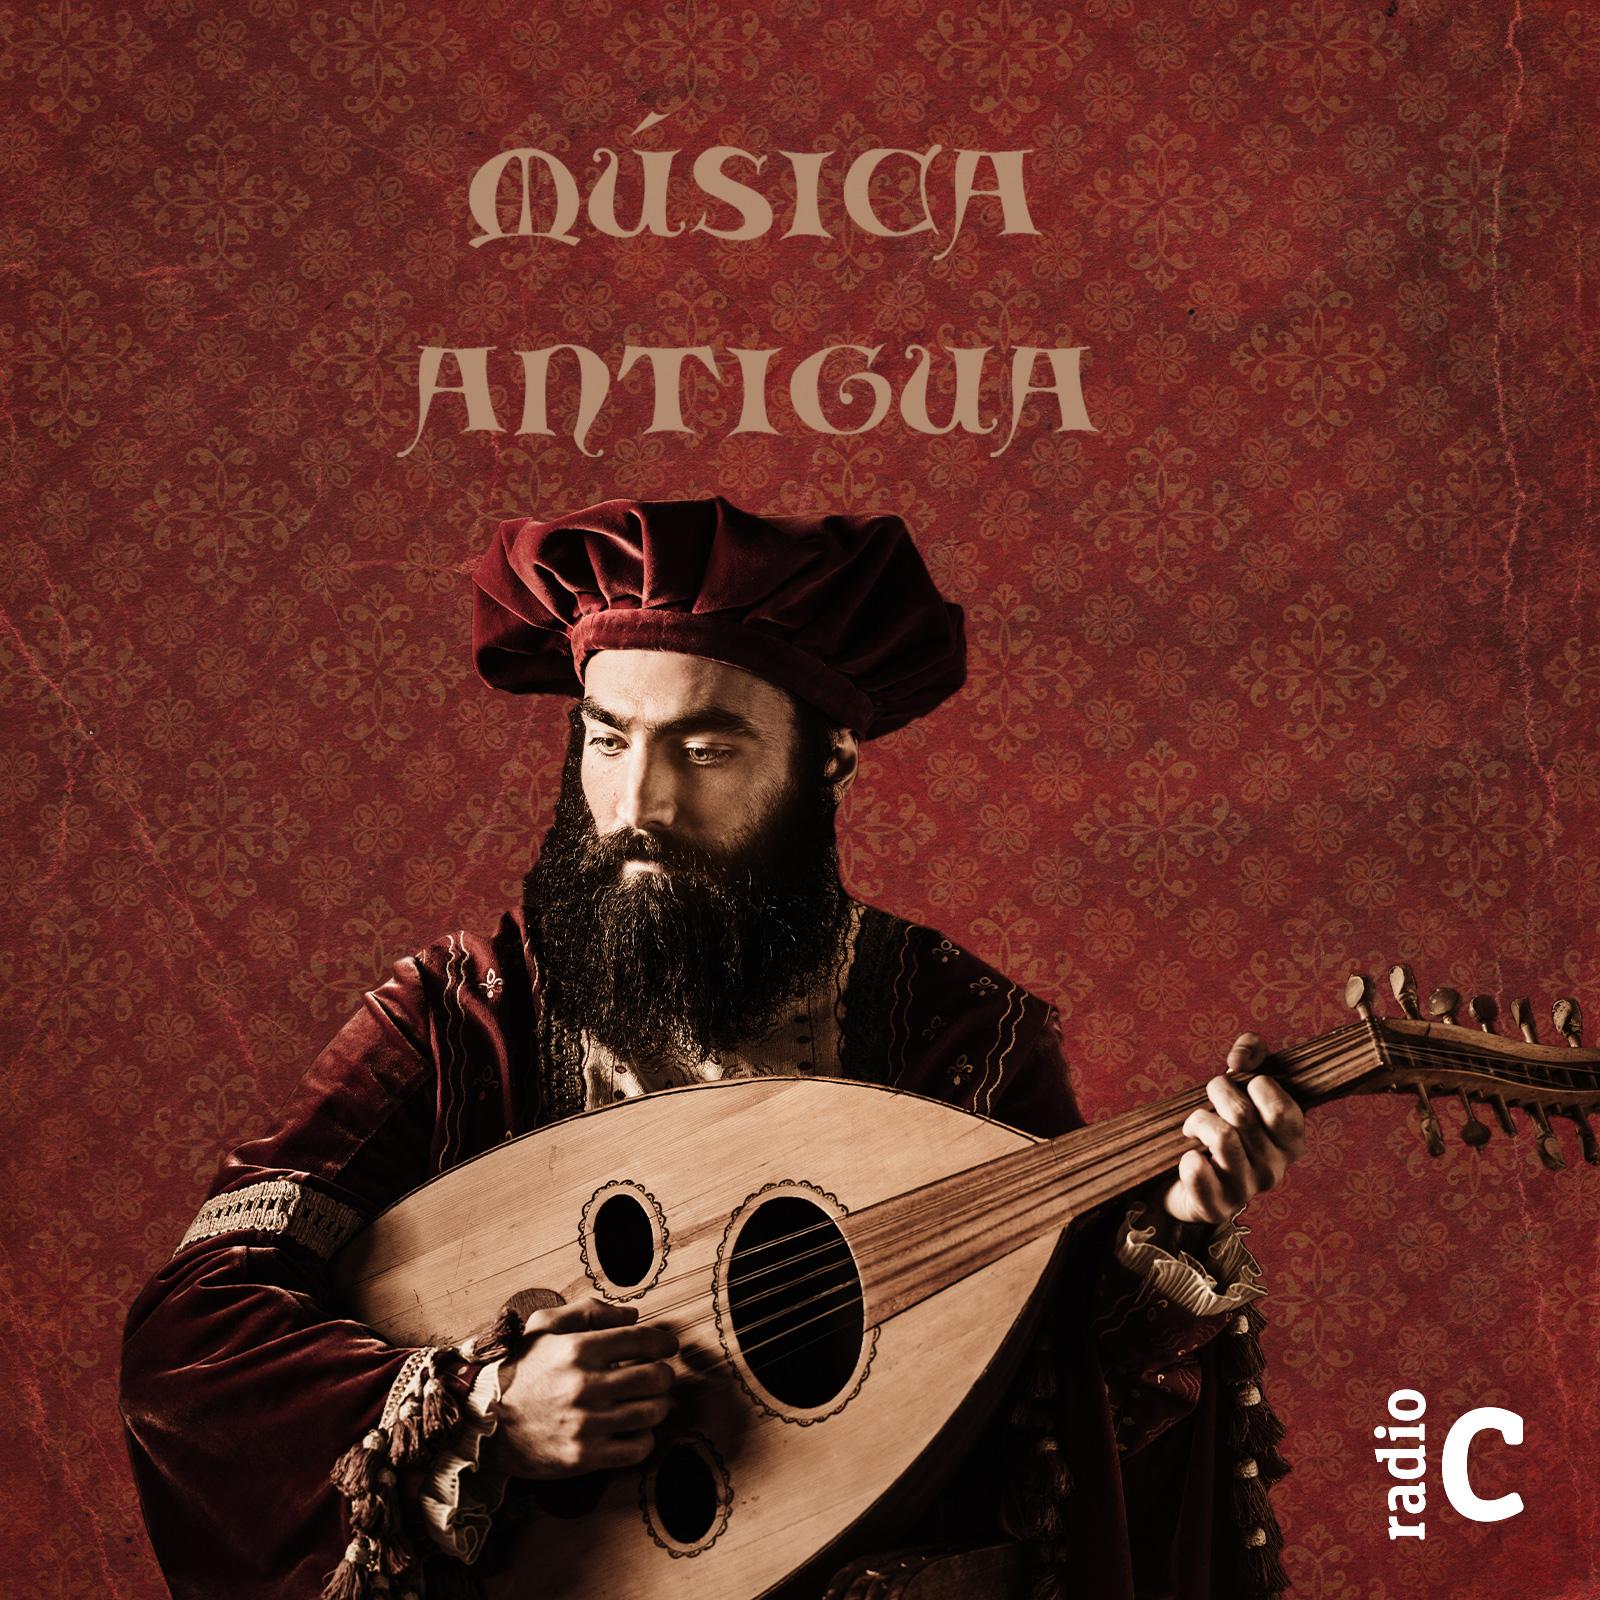 Música en los monasterios medievales.Música antigua (12/12/08)